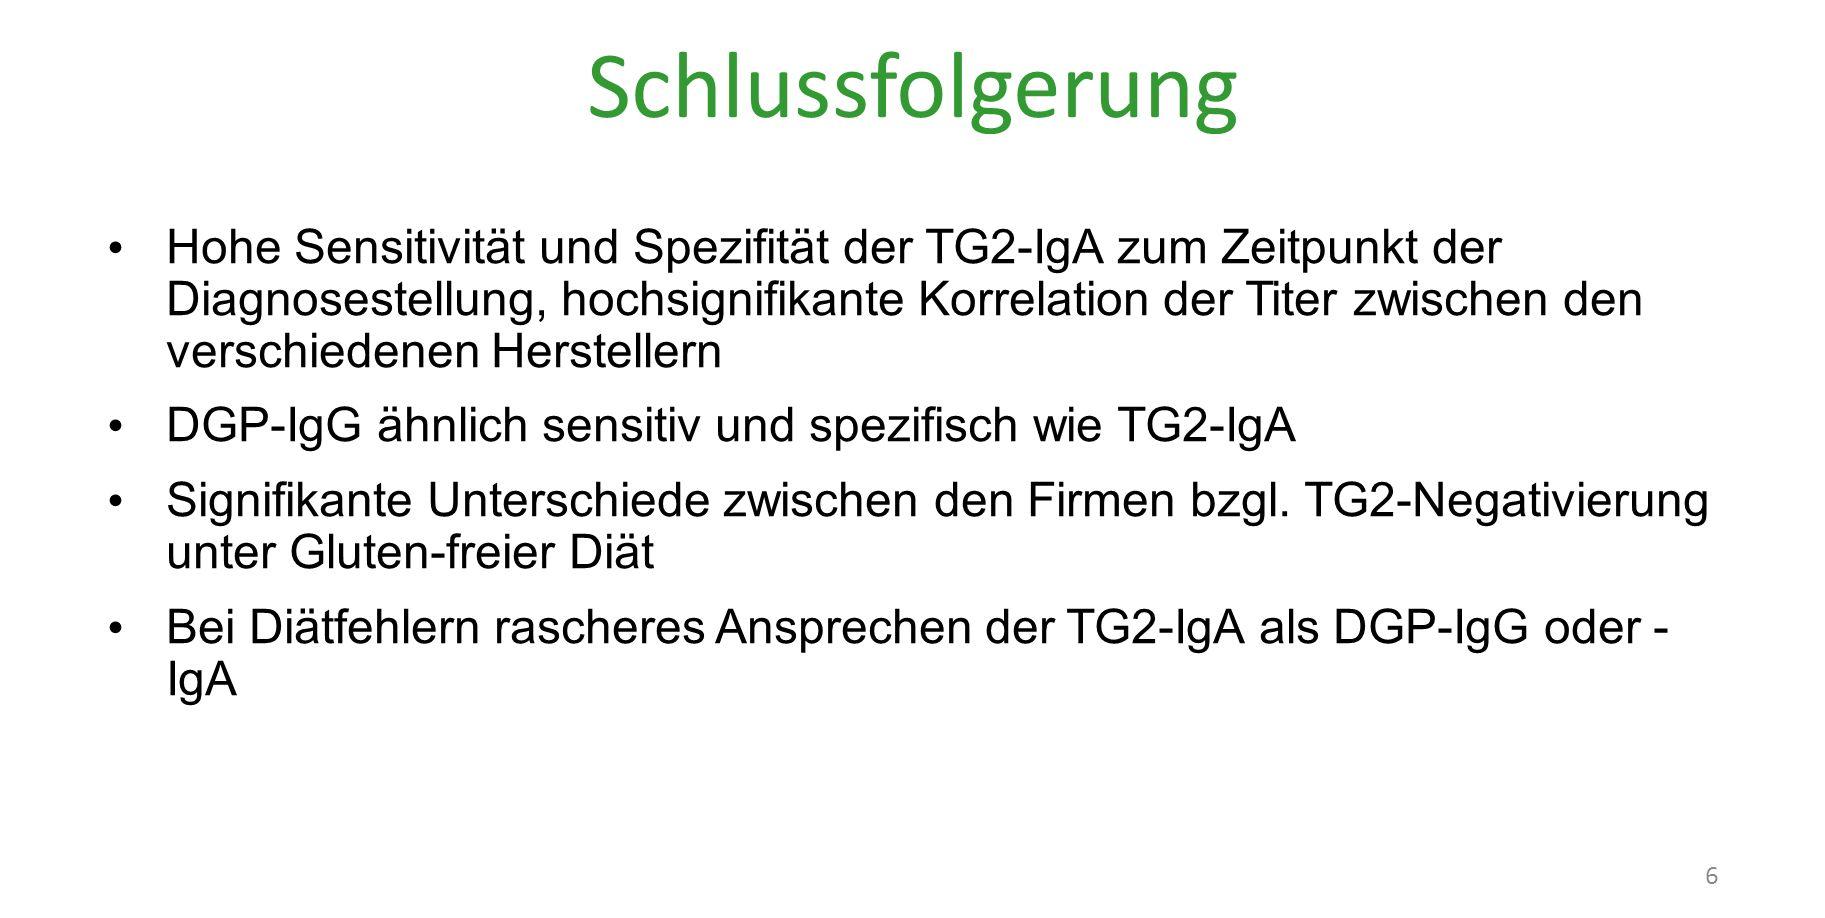 Schlussfolgerung Hohe Sensitivität und Spezifität der TG2-IgA zum Zeitpunkt der Diagnosestellung, hochsignifikante Korrelation der Titer zwischen den